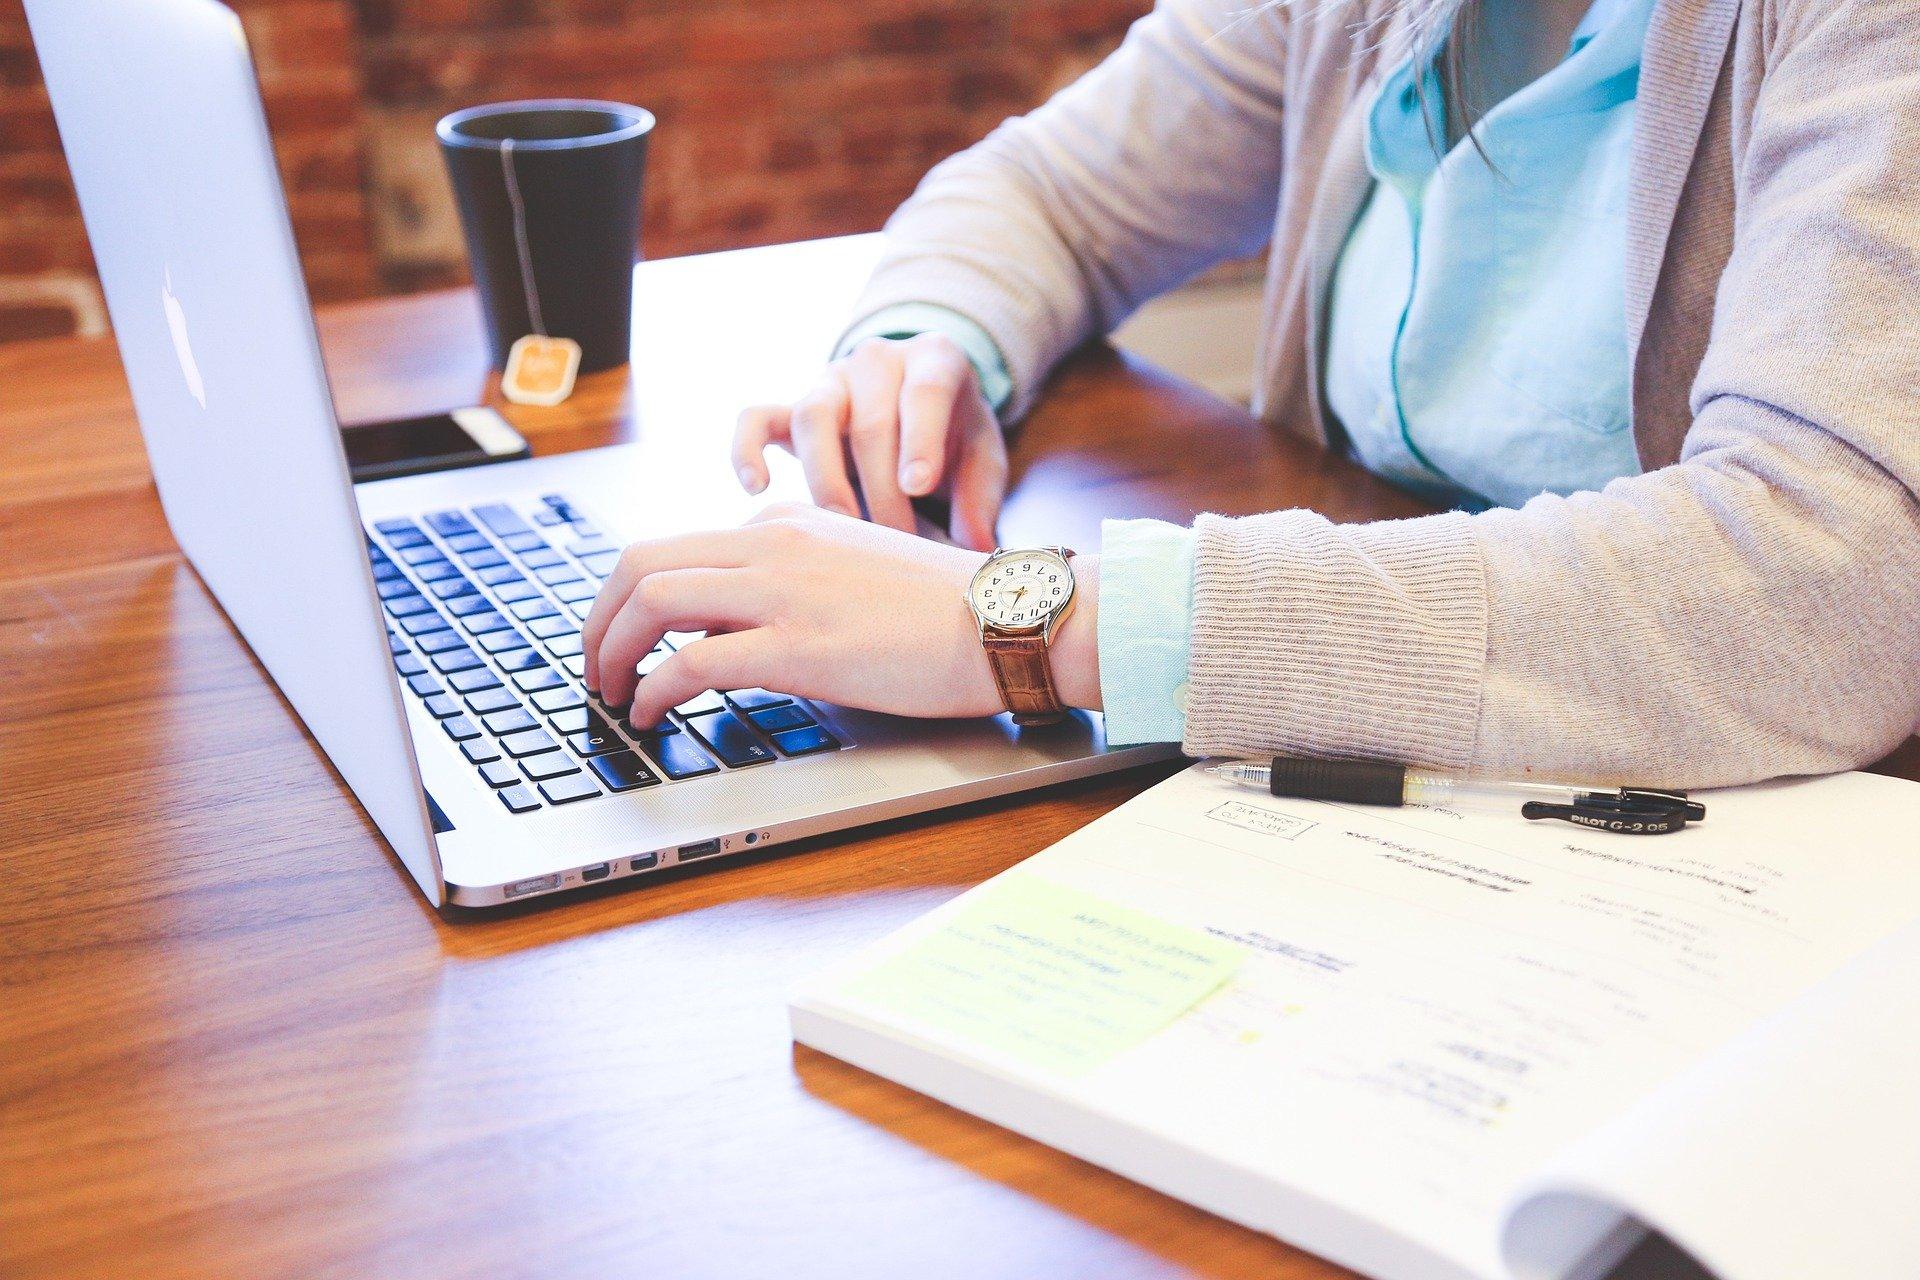 Imagem mostra uma pessoa digitando em um notebook.